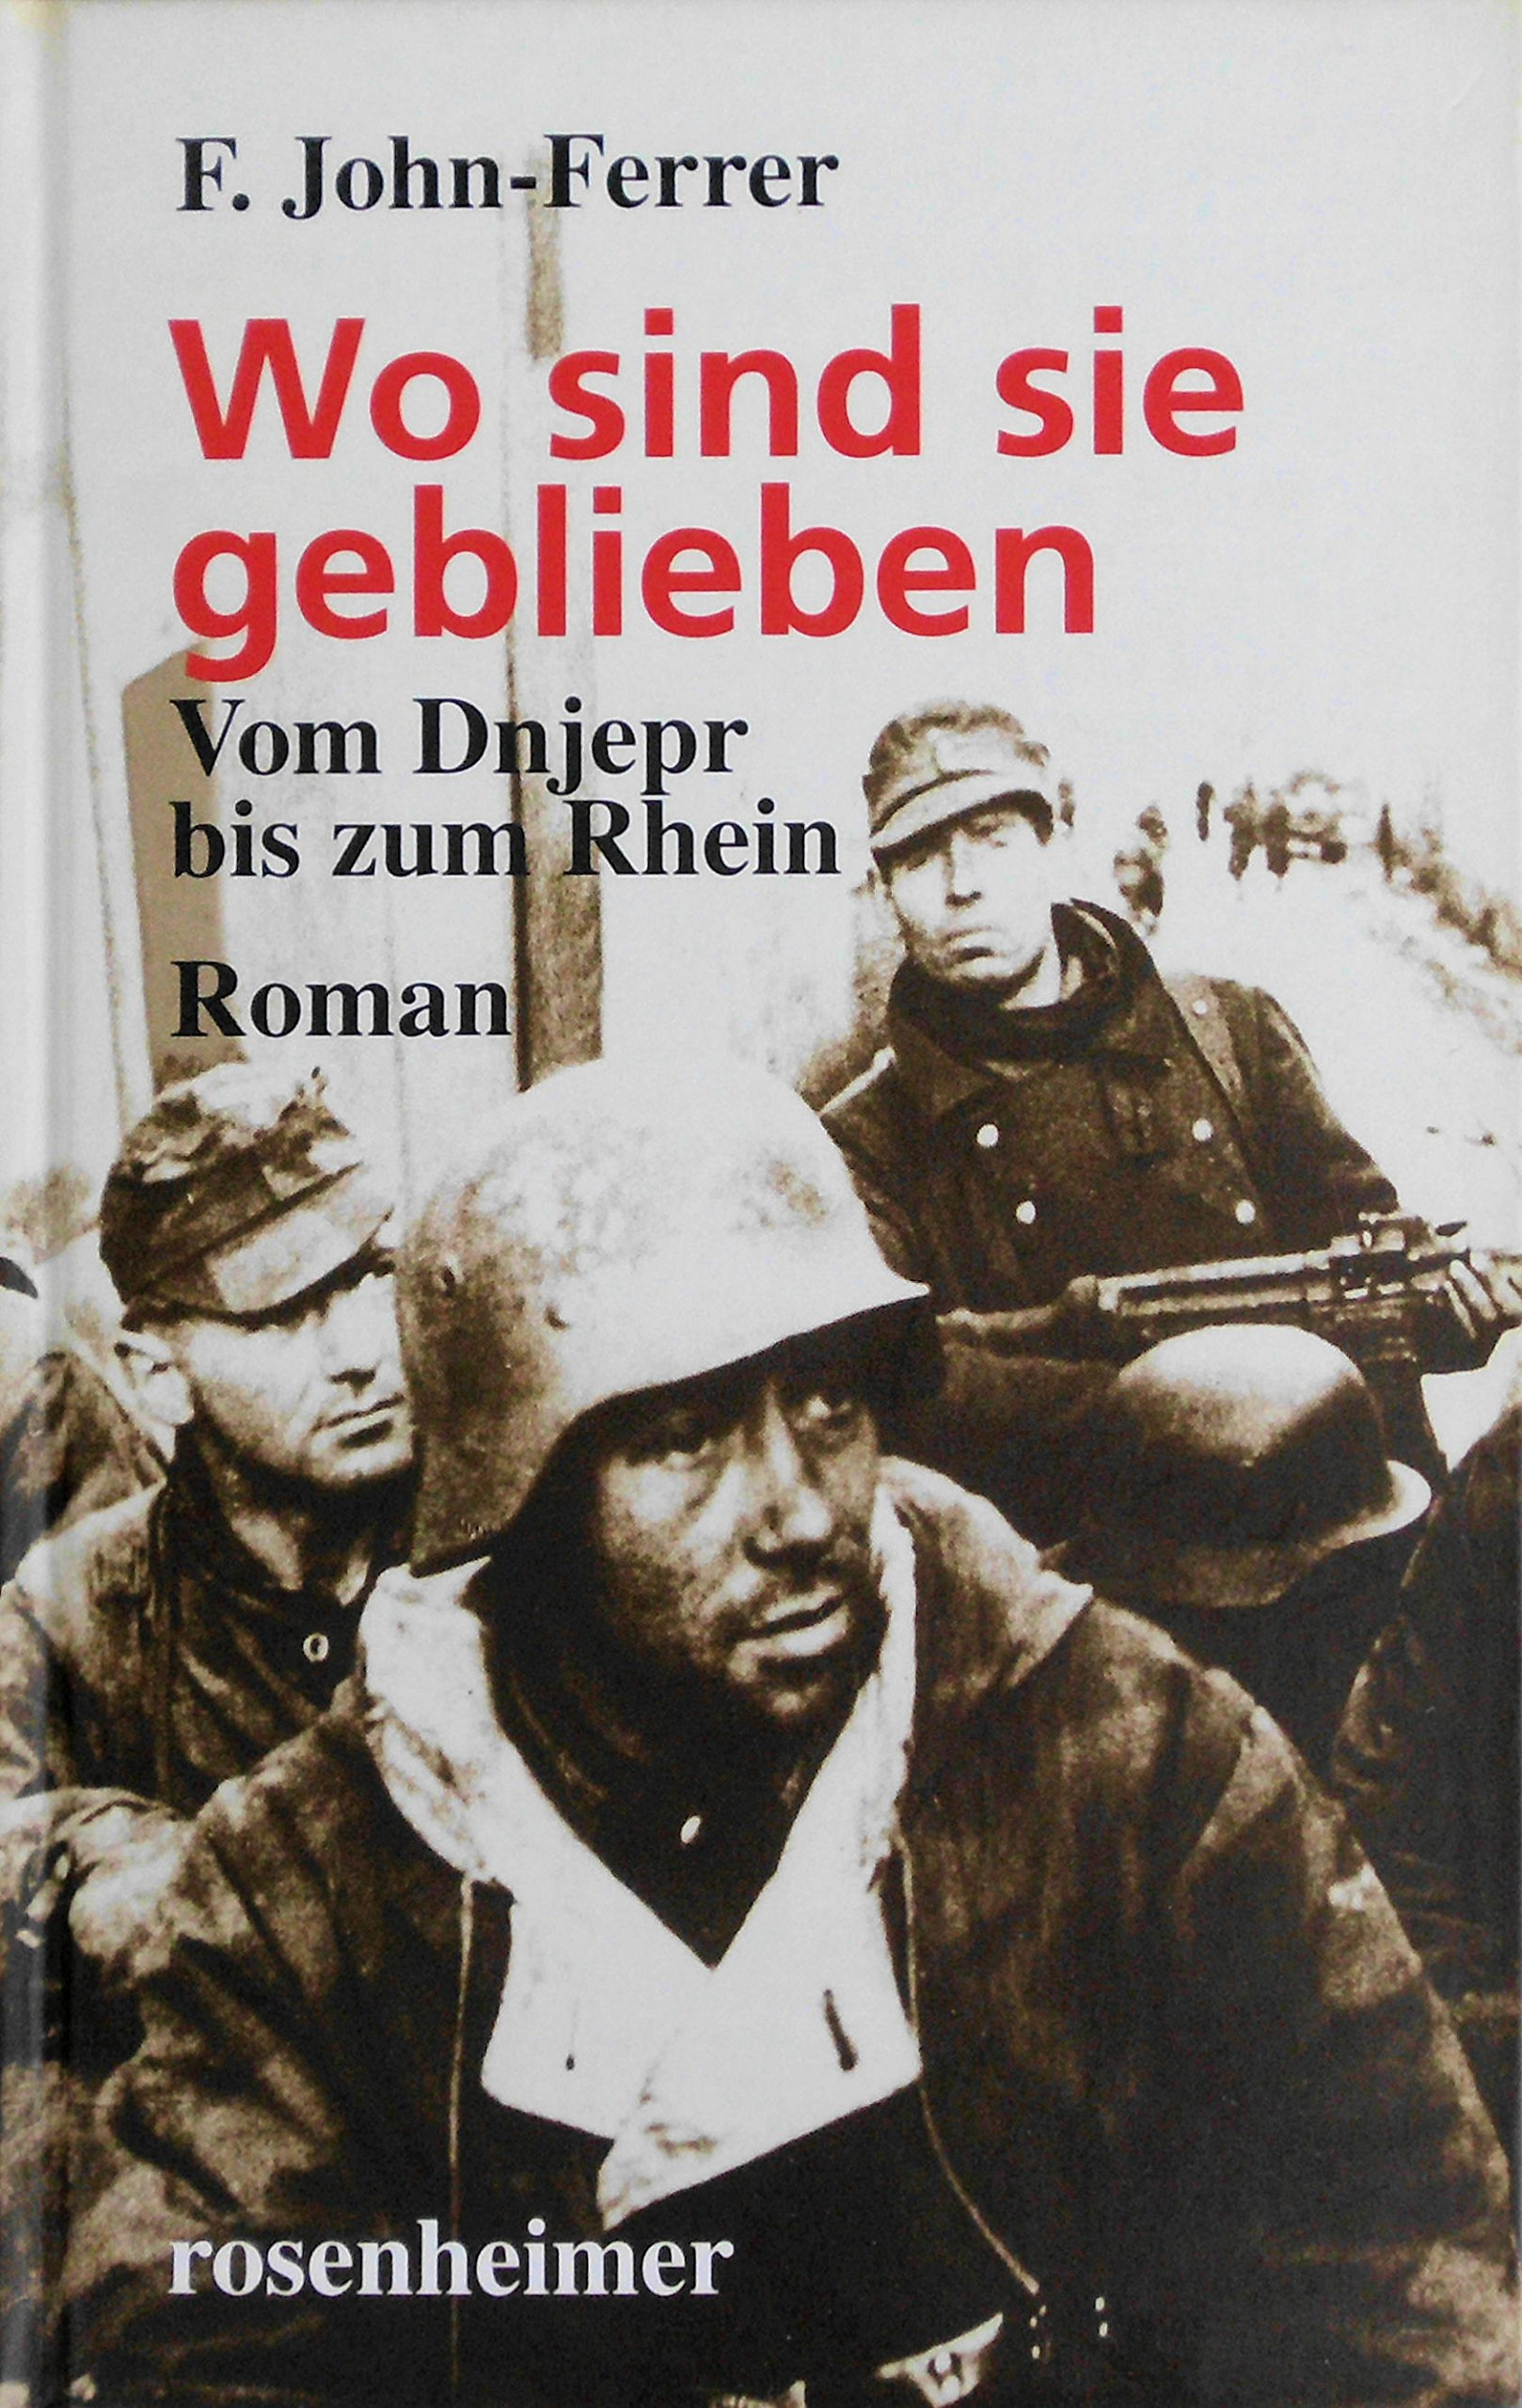 Wo sind sie geblieben: Vom Dnjepr bis zum Rhein